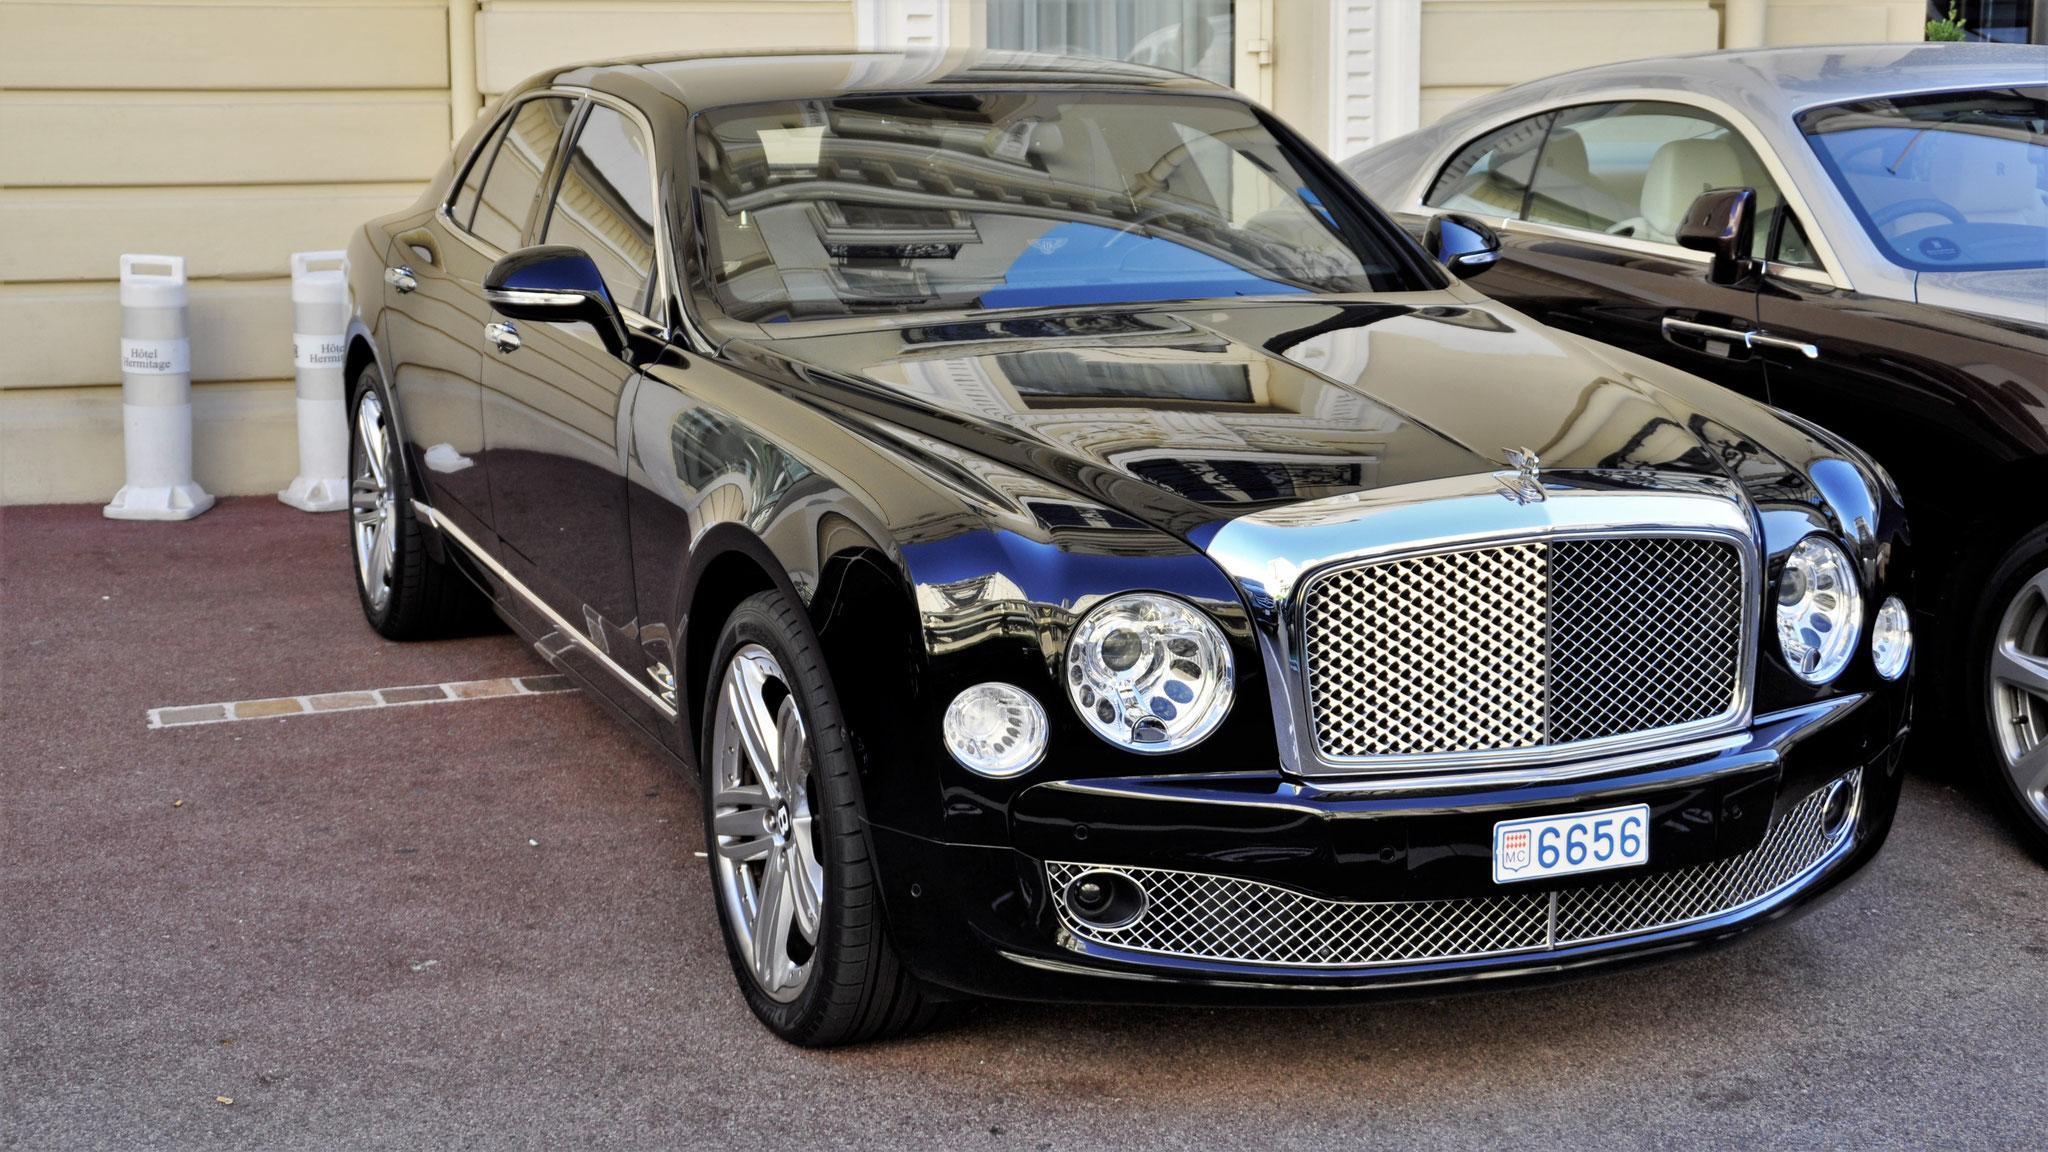 Bentley Mulsanne - 6656 (MC)